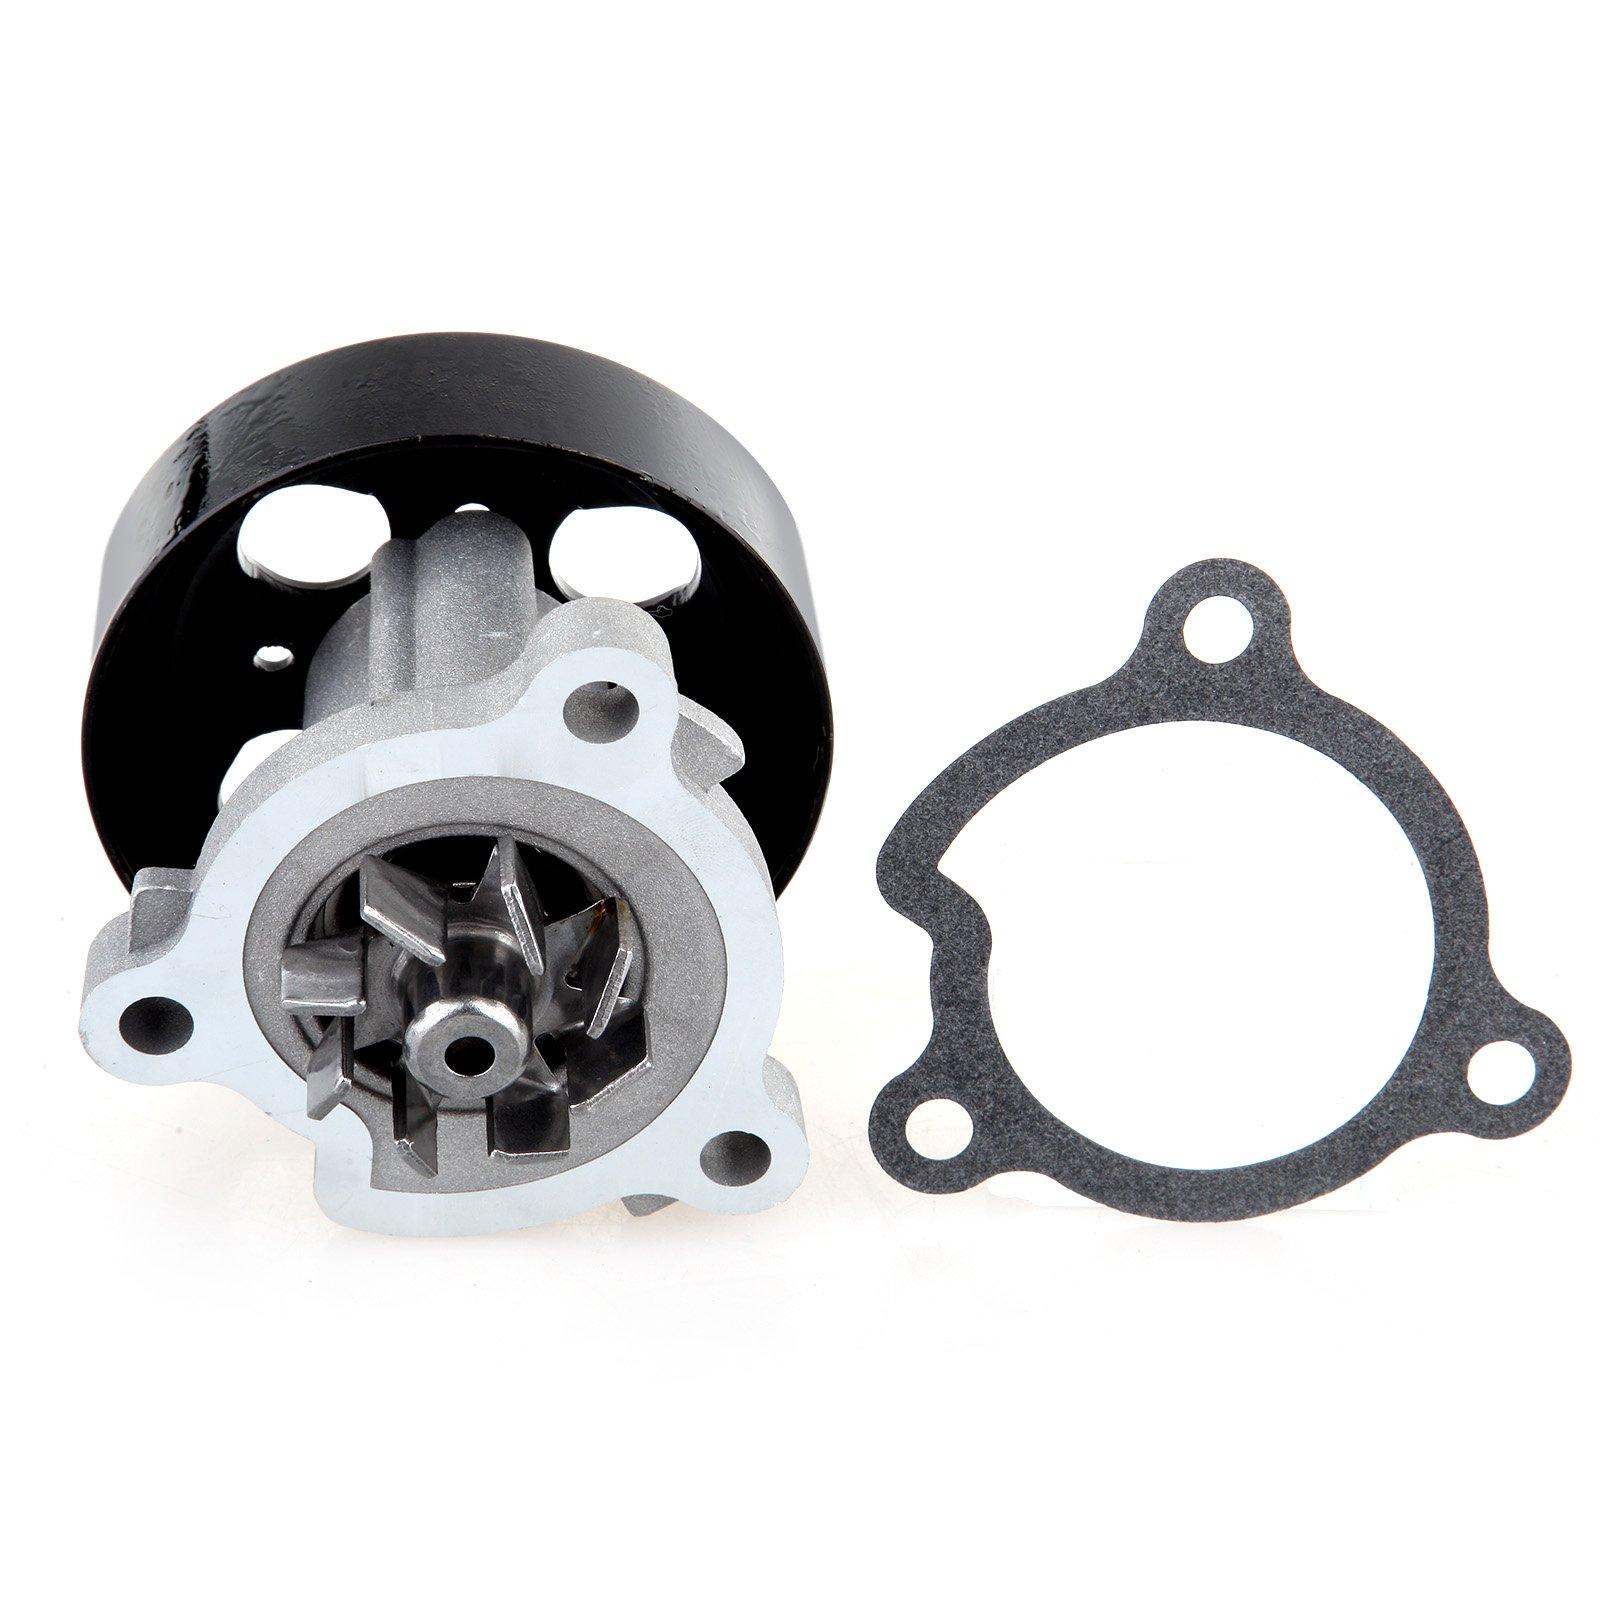 ECCPP Engine Water Pump for NISSAN ALTIMA SENTRA 2002-2012 L4 2.5L QR25DE DOHC